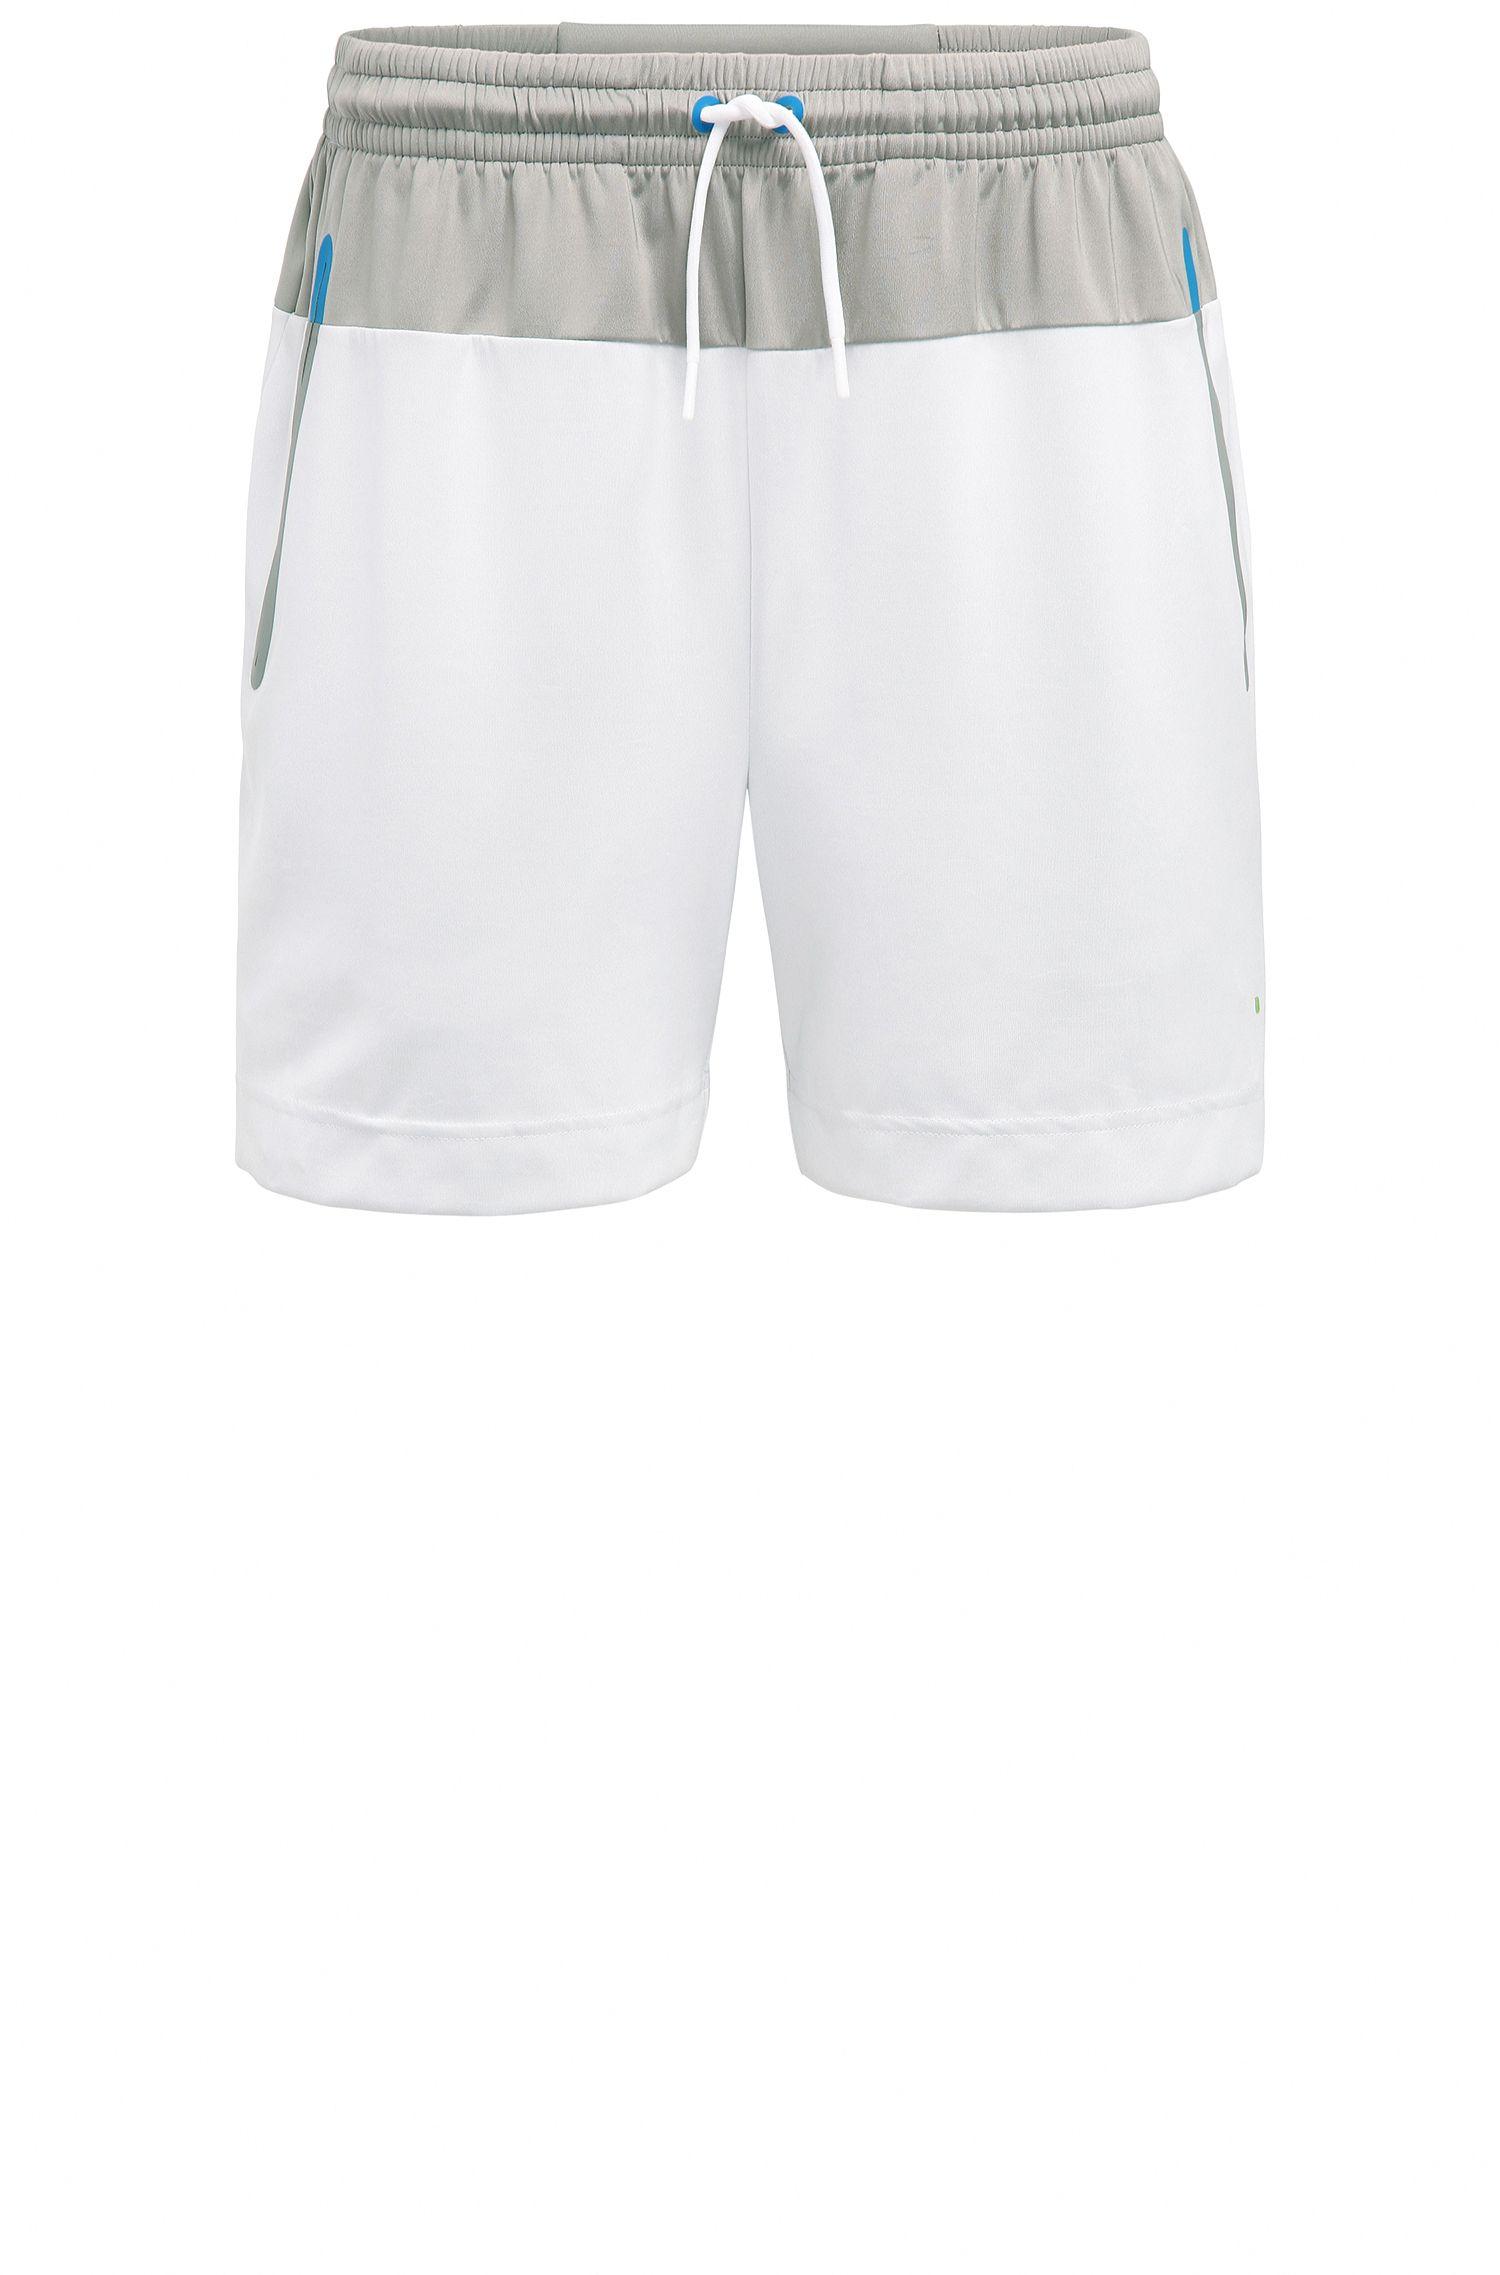 Pantaloncini corti slim fit in tessuto tecnico elastico